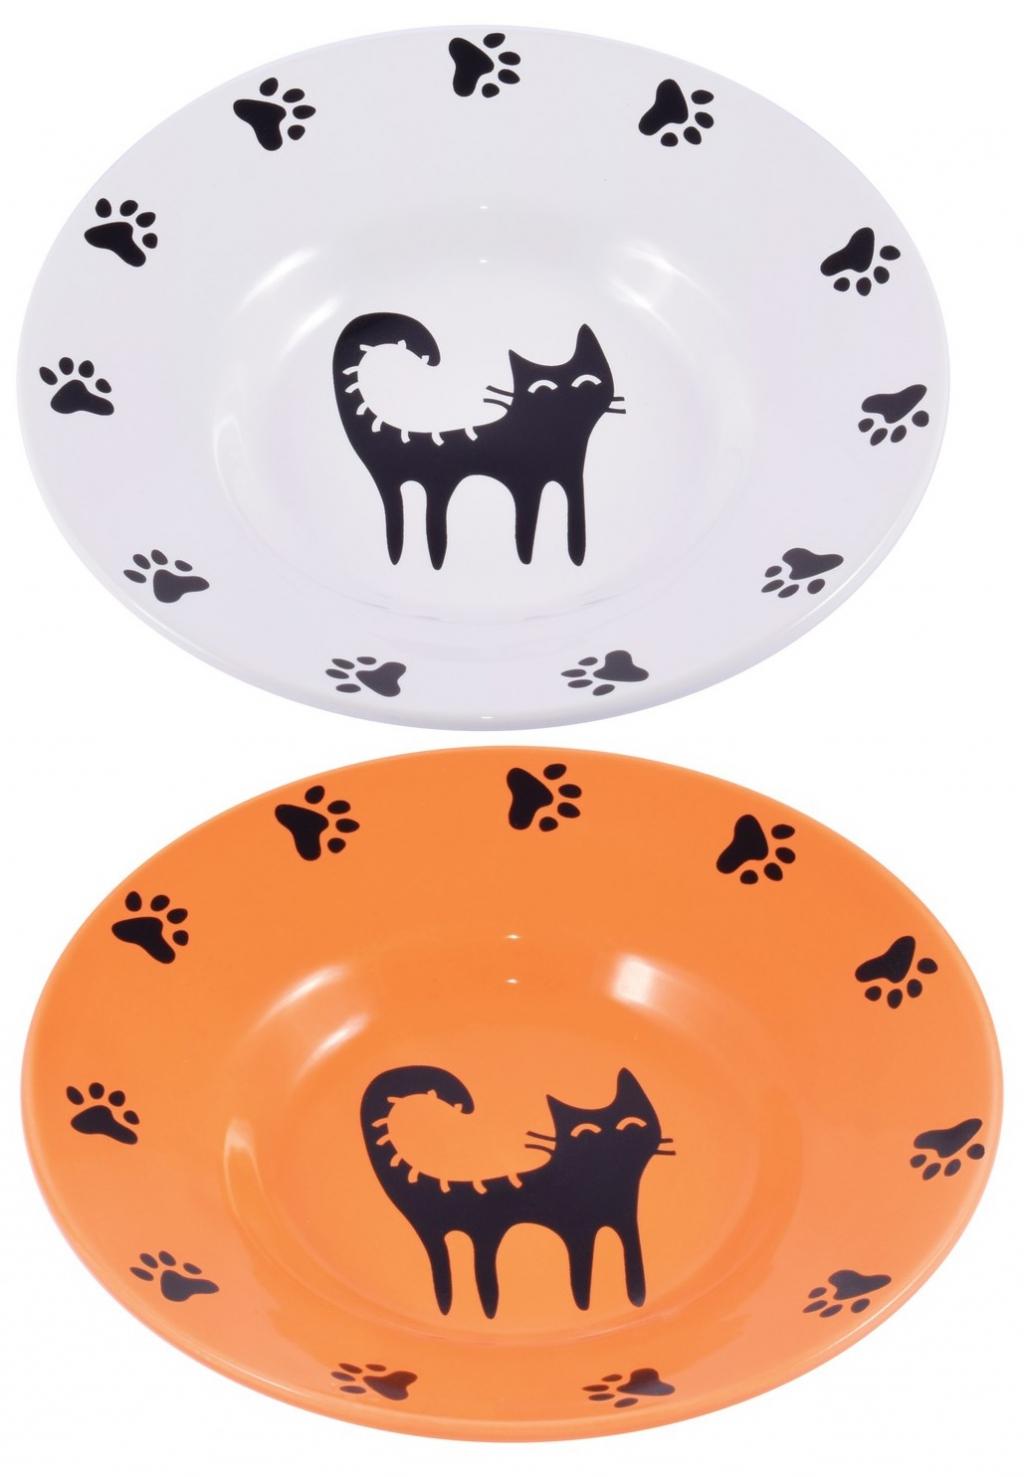 КерамикАрт Миска-блюдце керамическая для кошек, в ассортименте, 140 мл